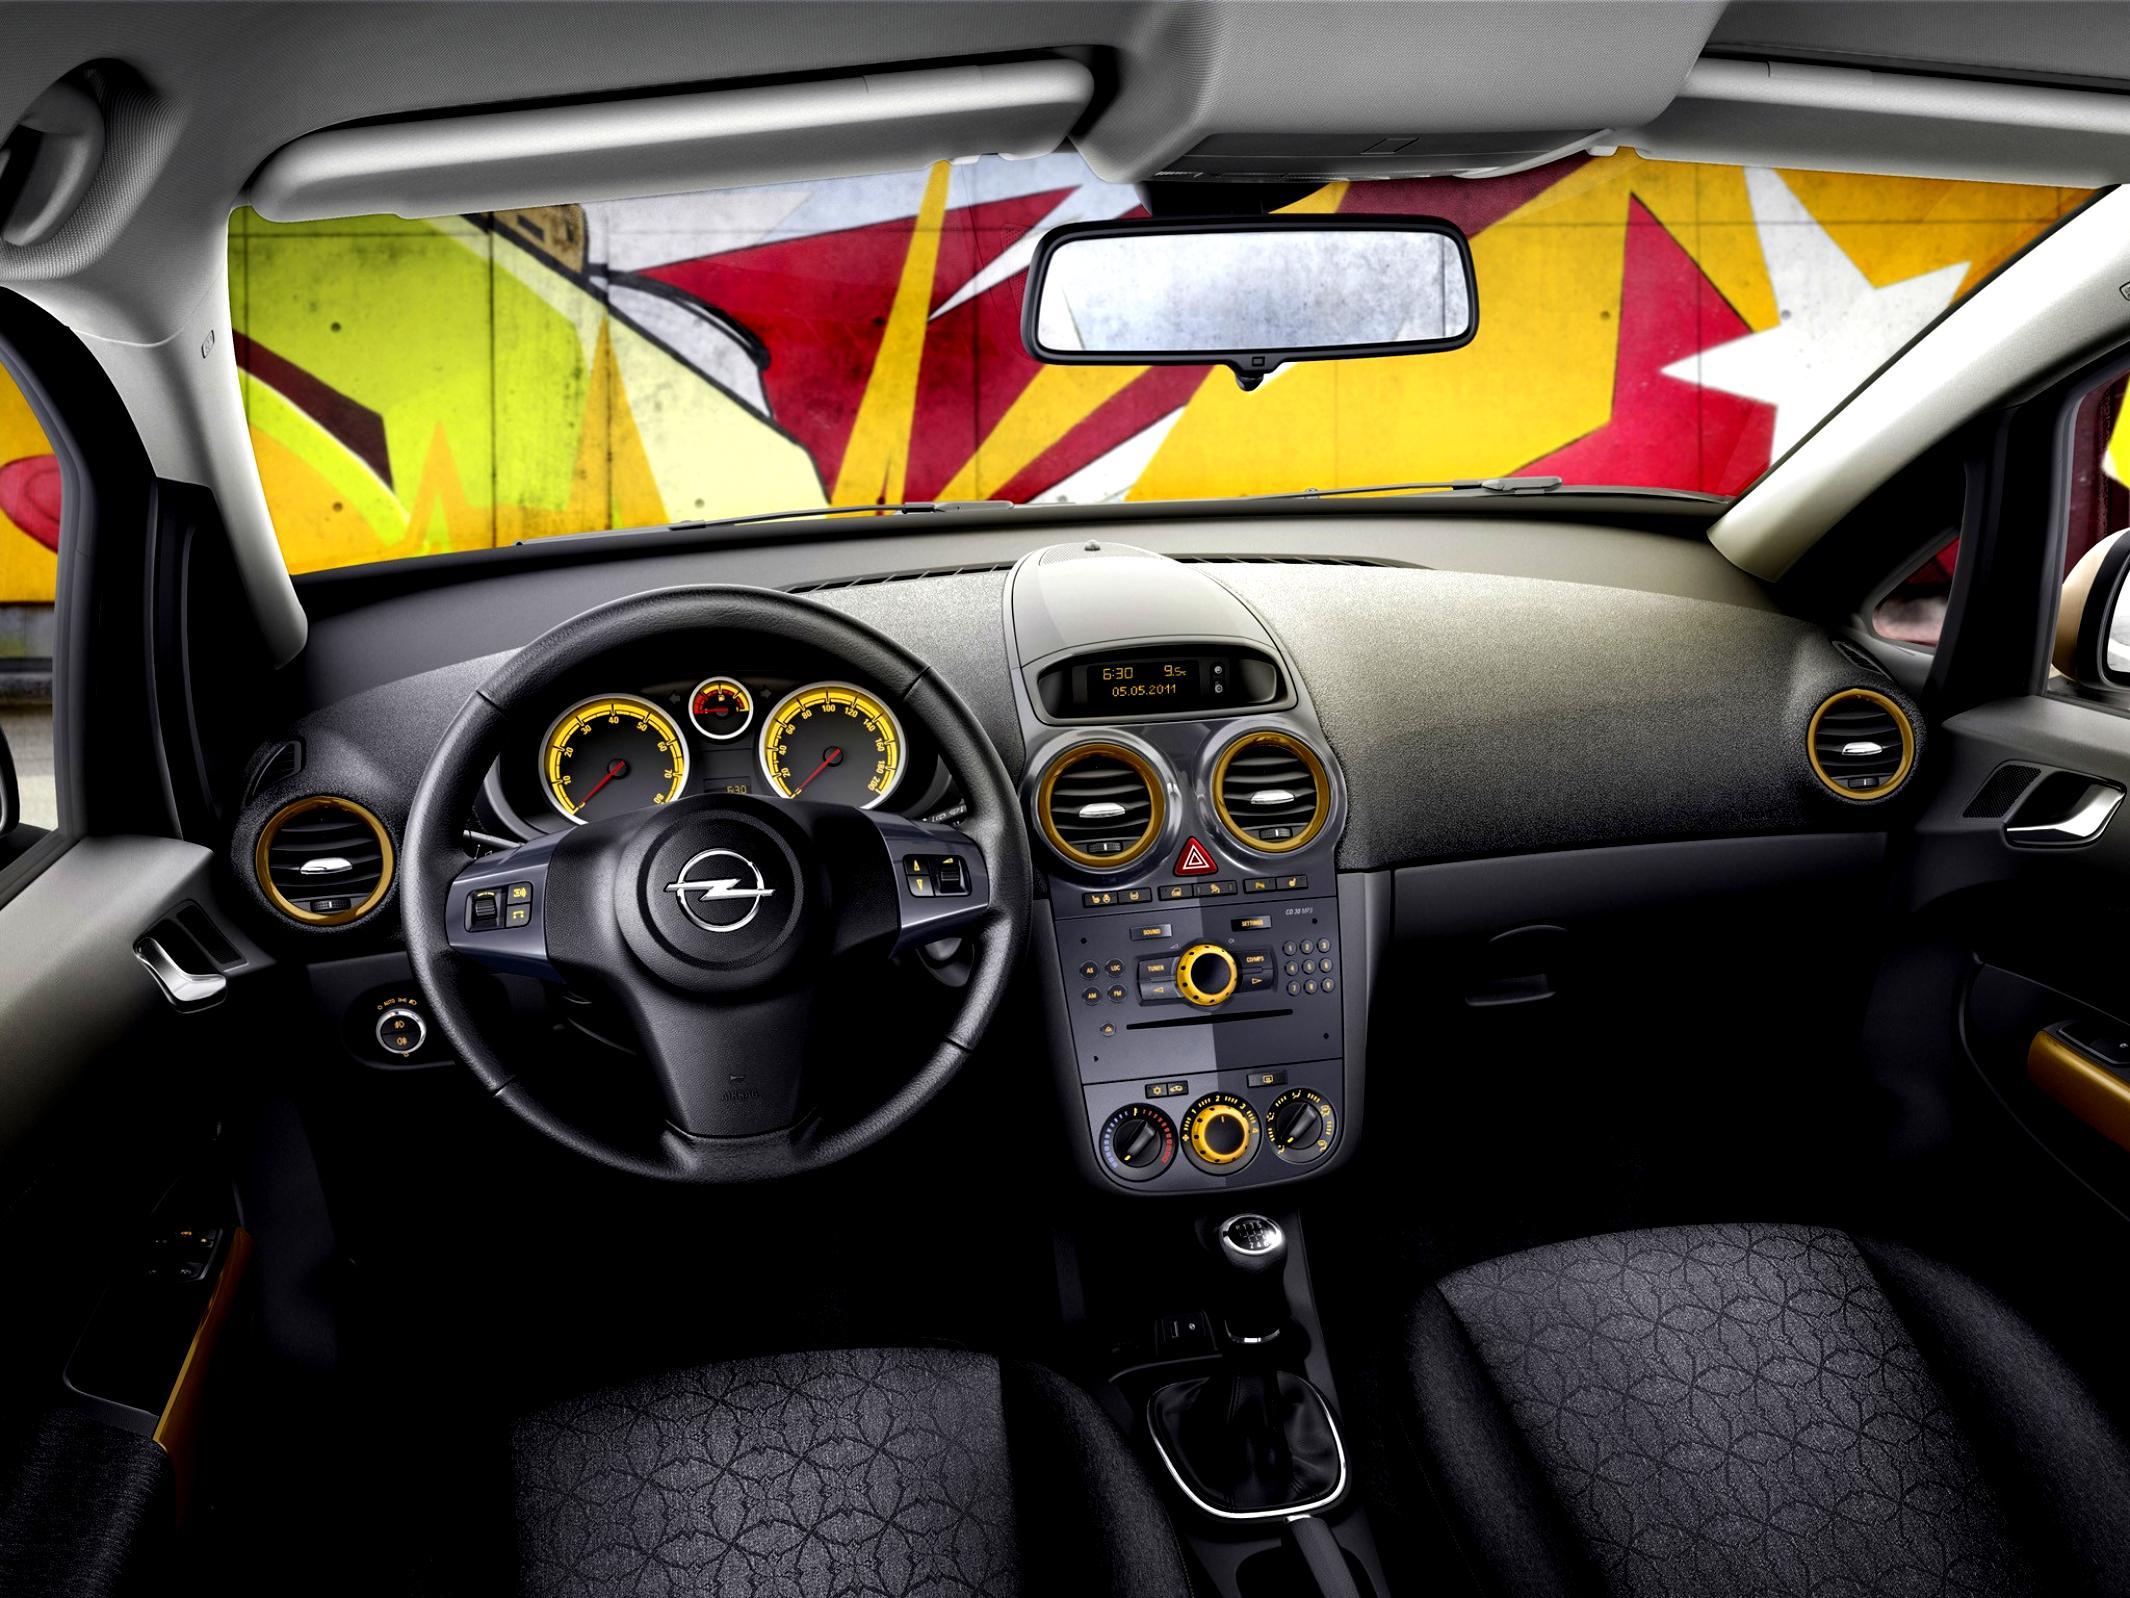 Поломка регулятора направления воздуха в салоне Opel Corsa D